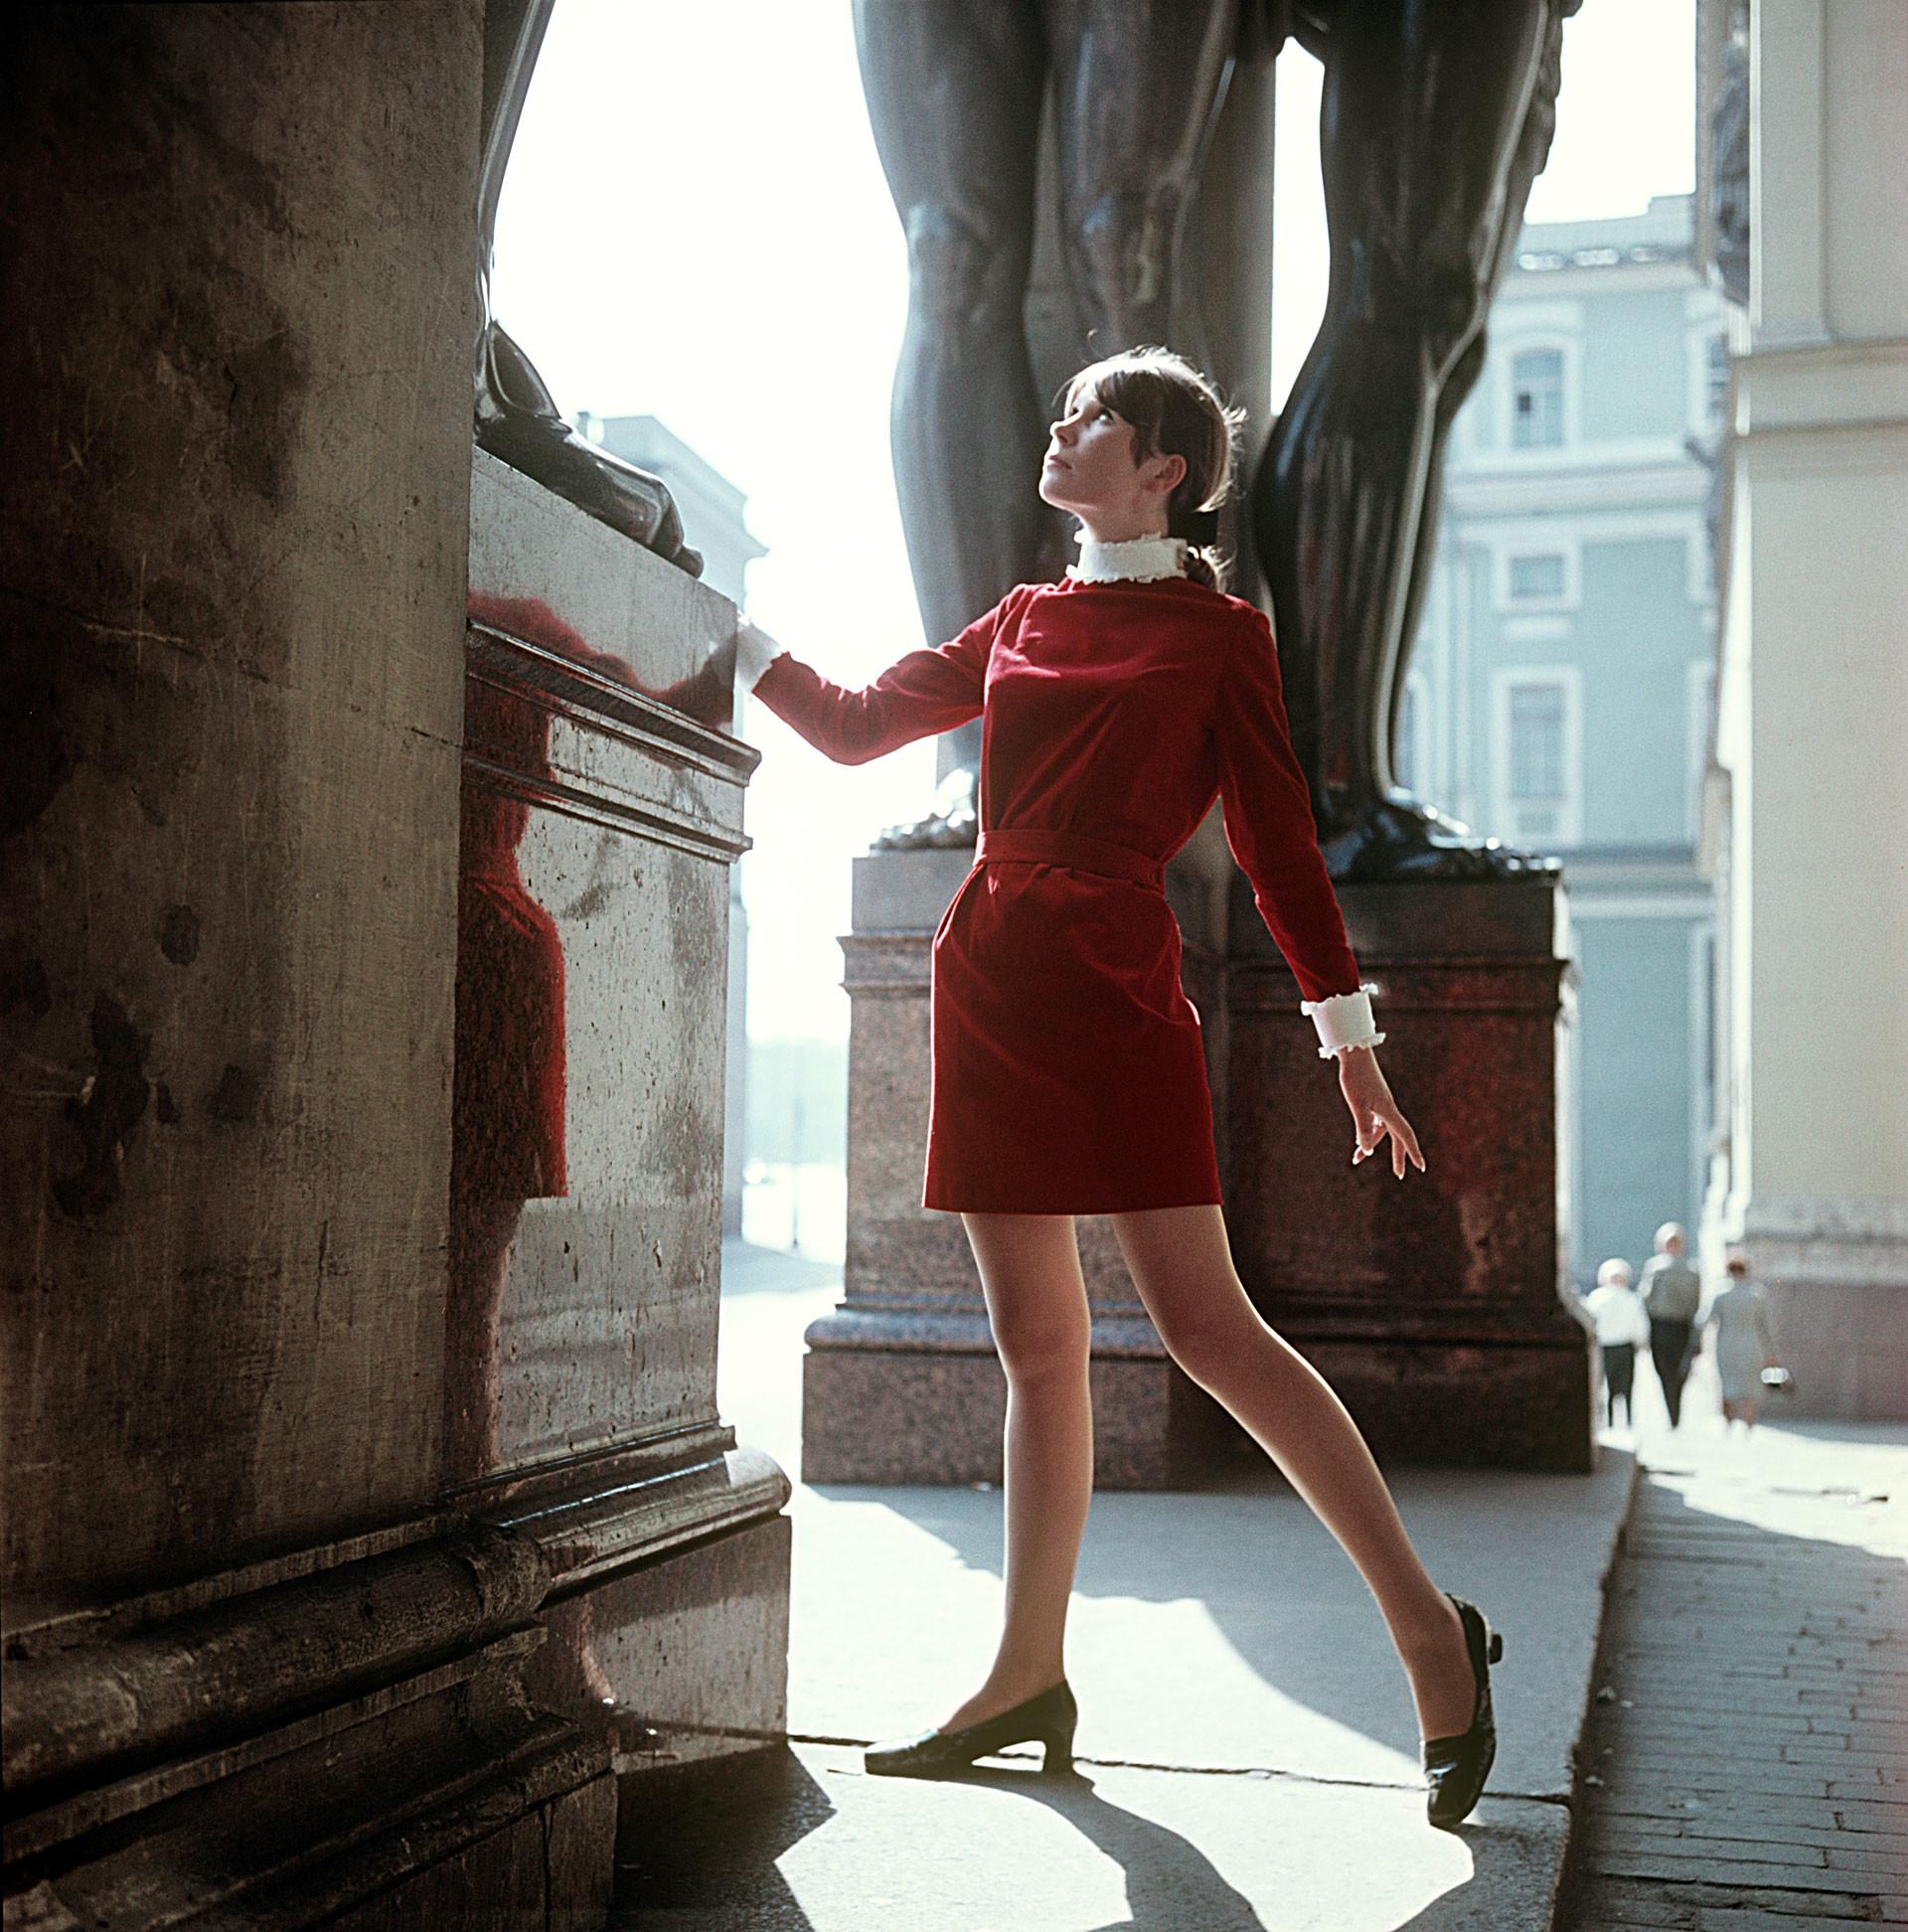 Vestido jovem de veludo vermelho, 1969.